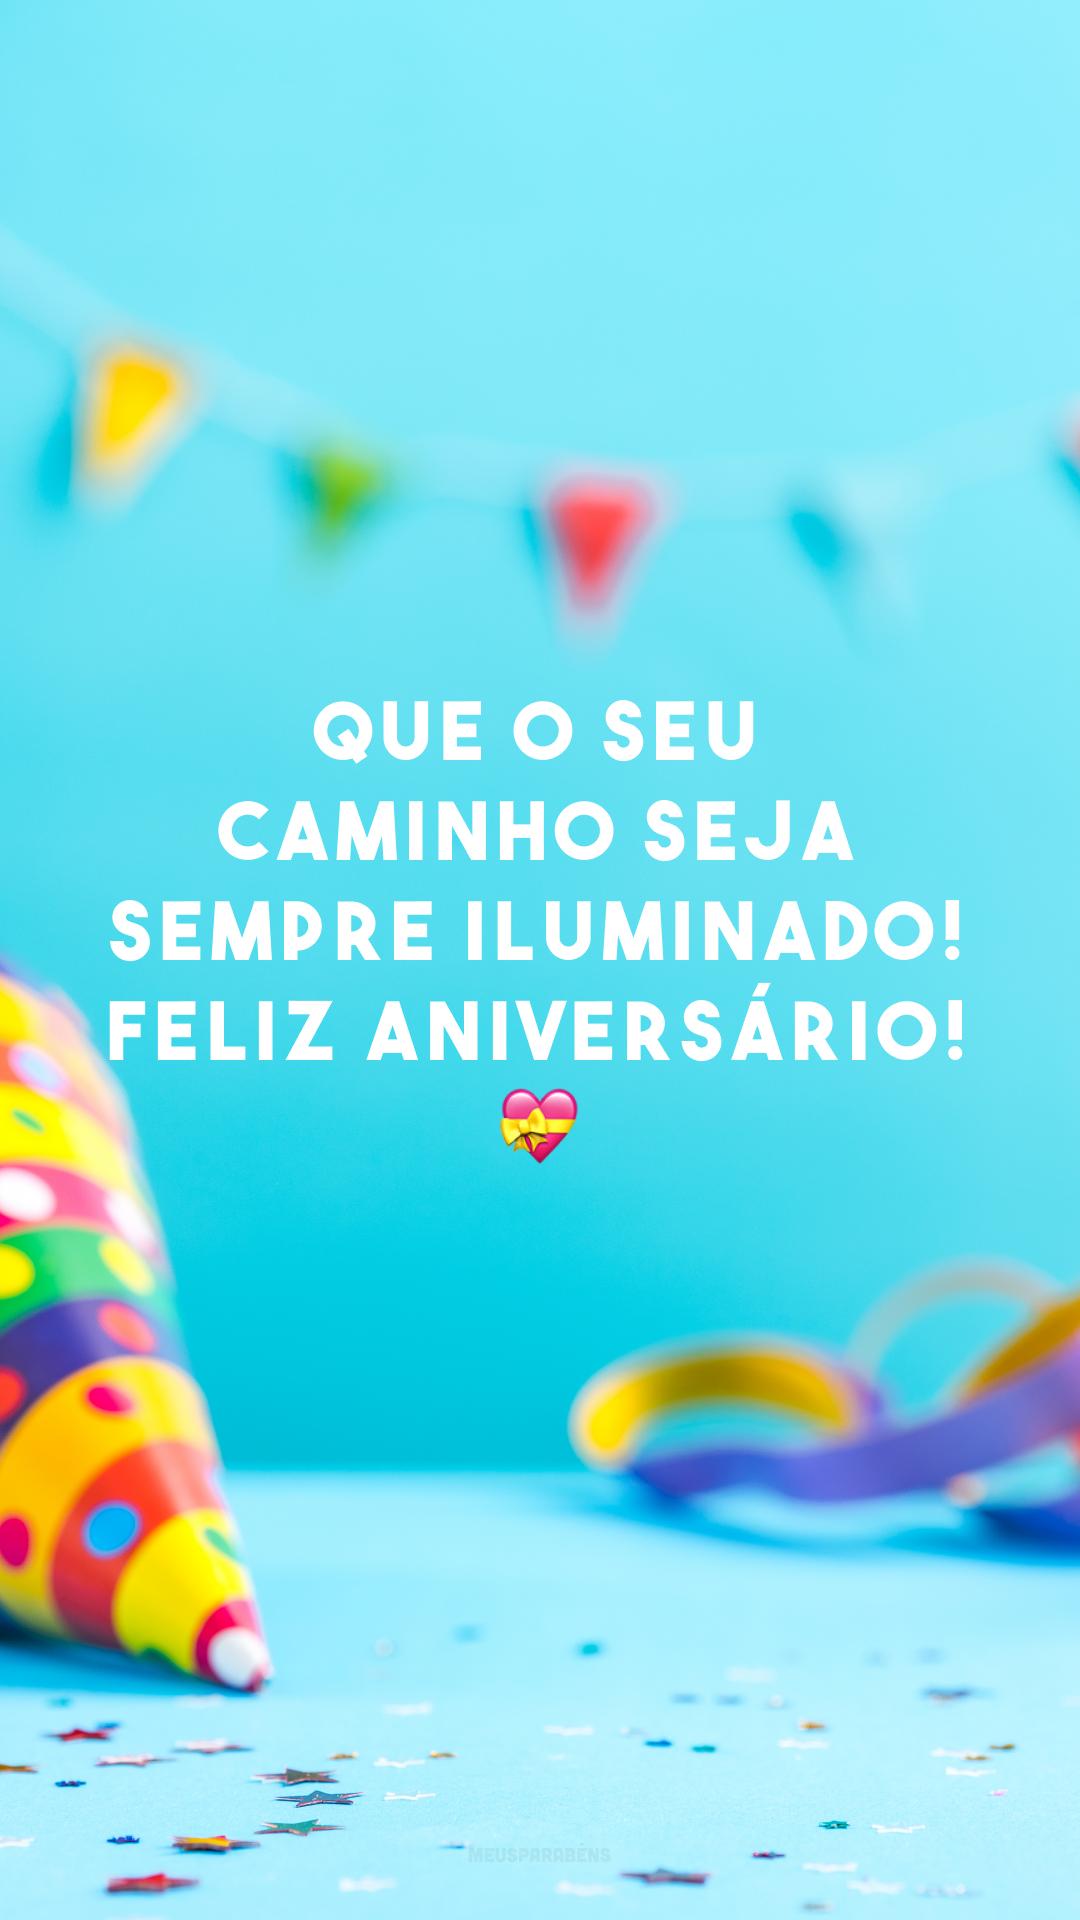 Que o seu caminho seja sempre iluminado! Feliz aniversário! 💝